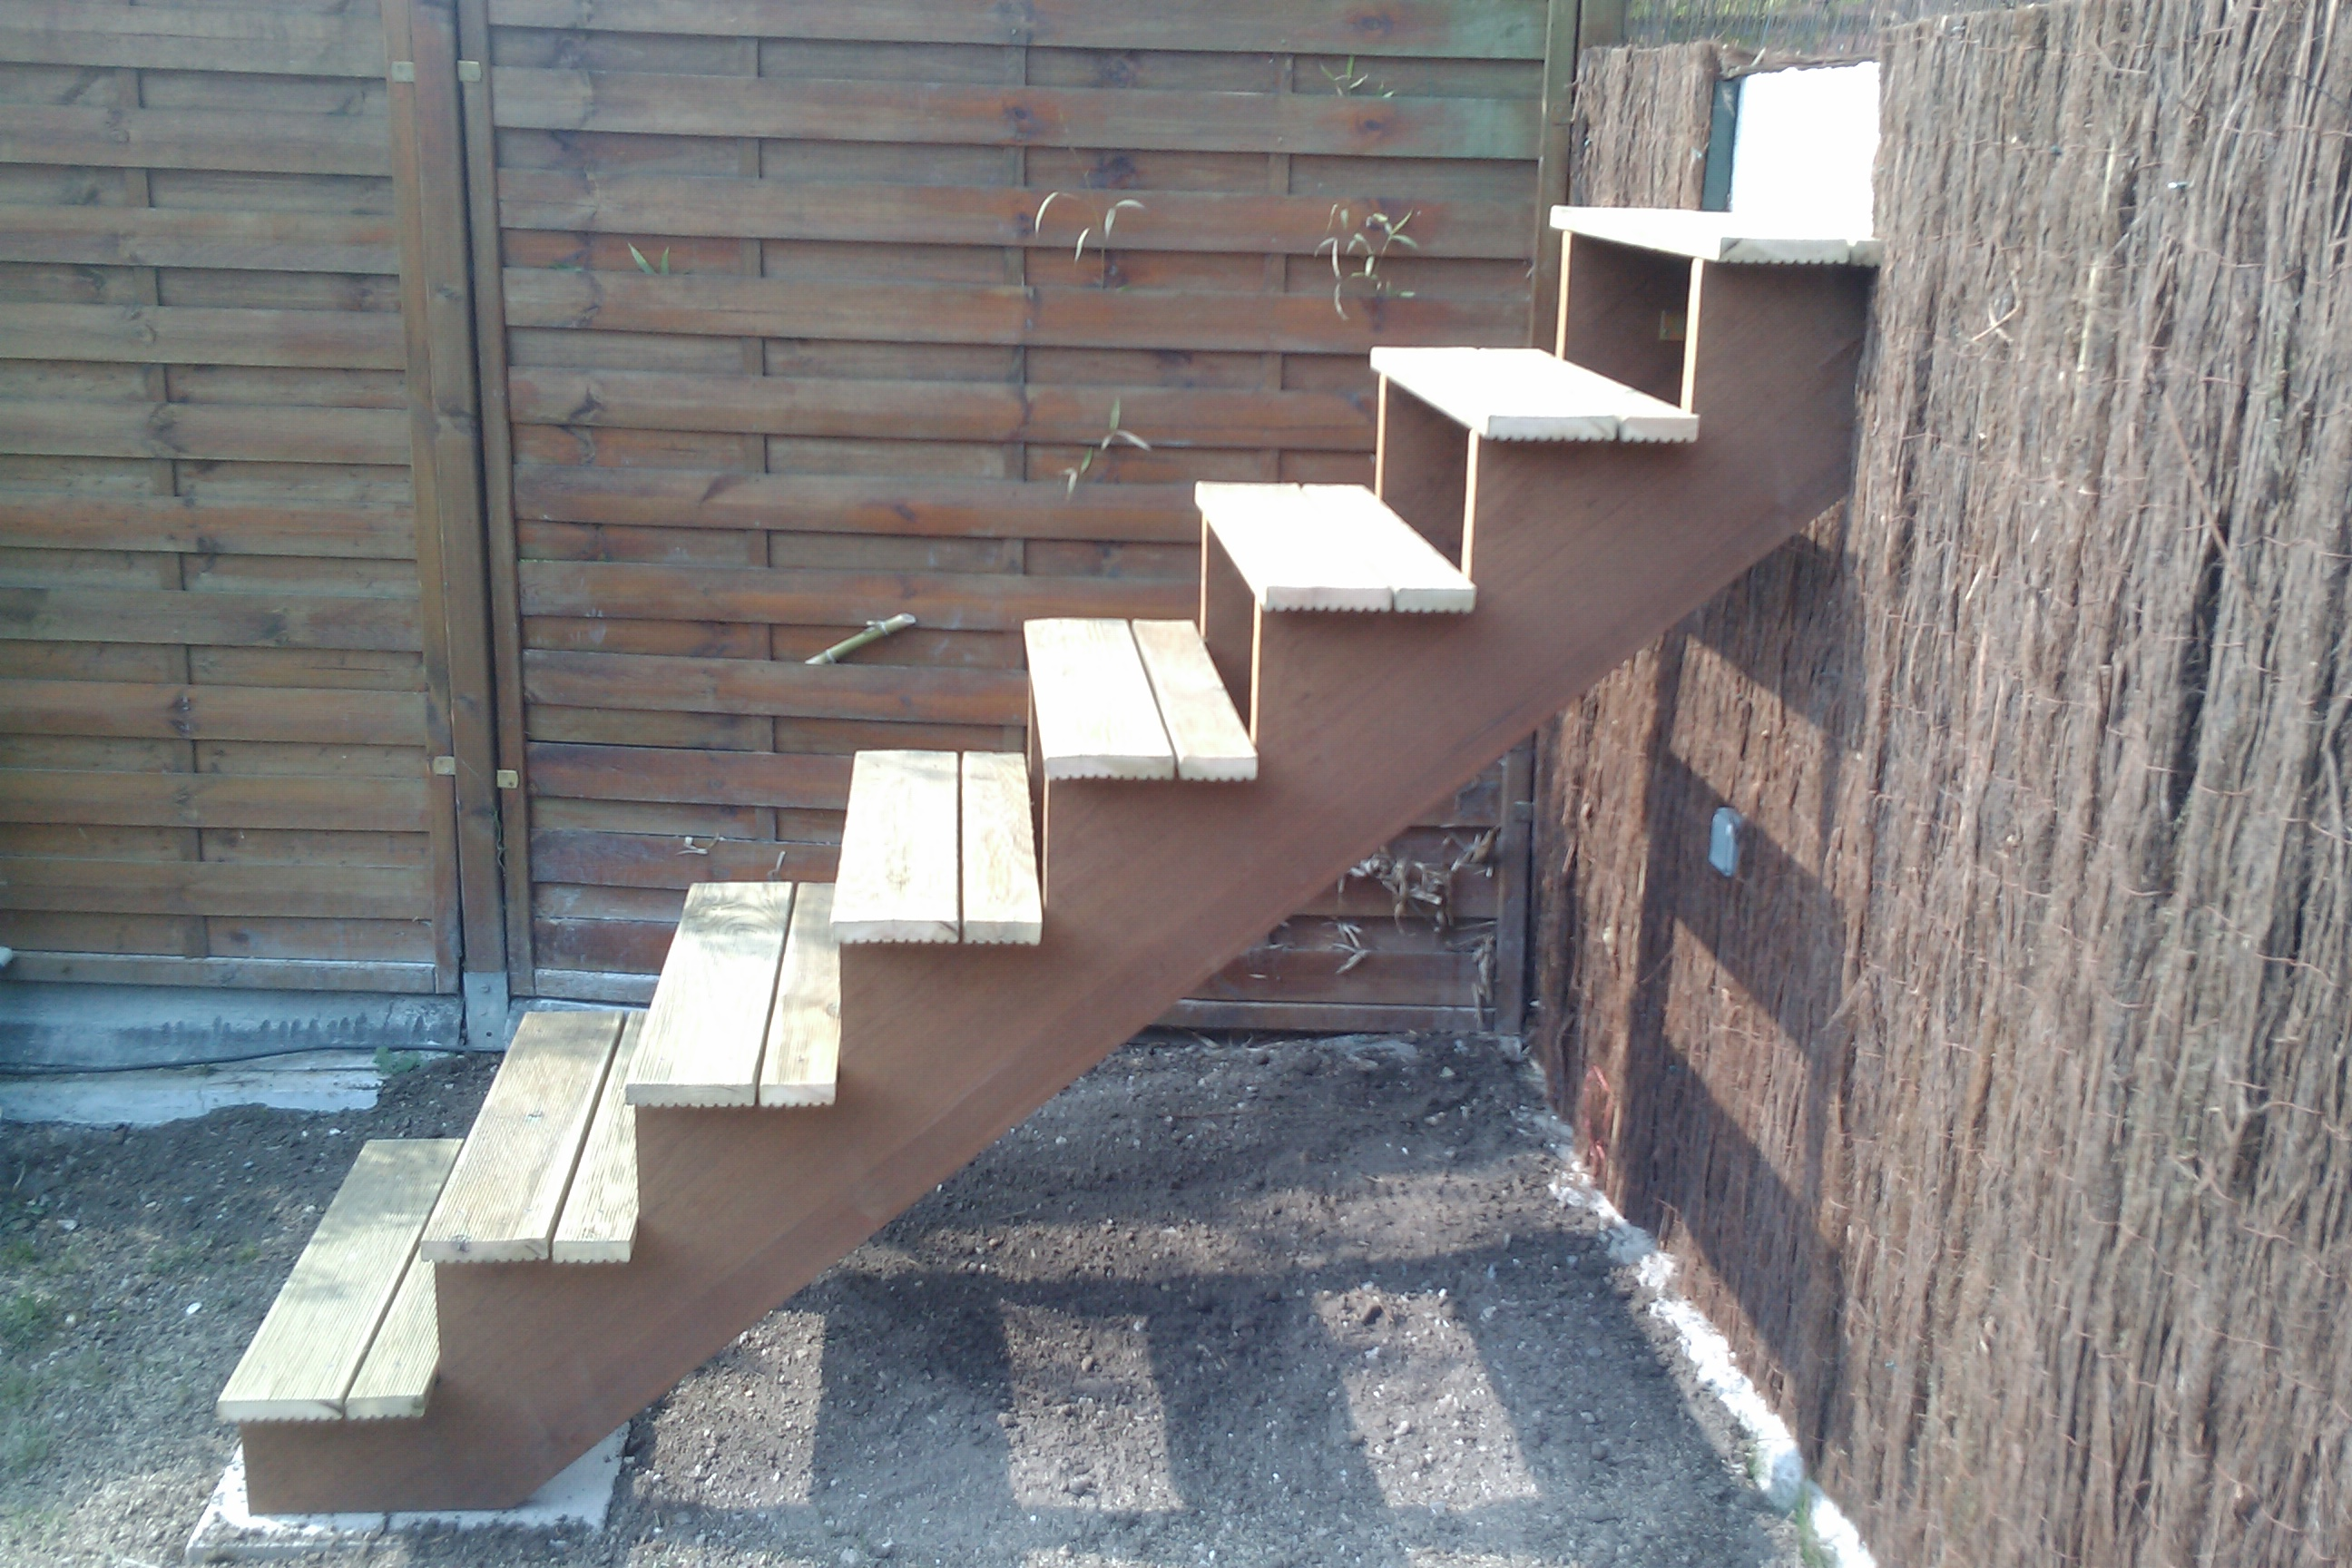 Escalier Bois Exterieur : Comment construire escalier exterieur bois ? La r?ponse est sur